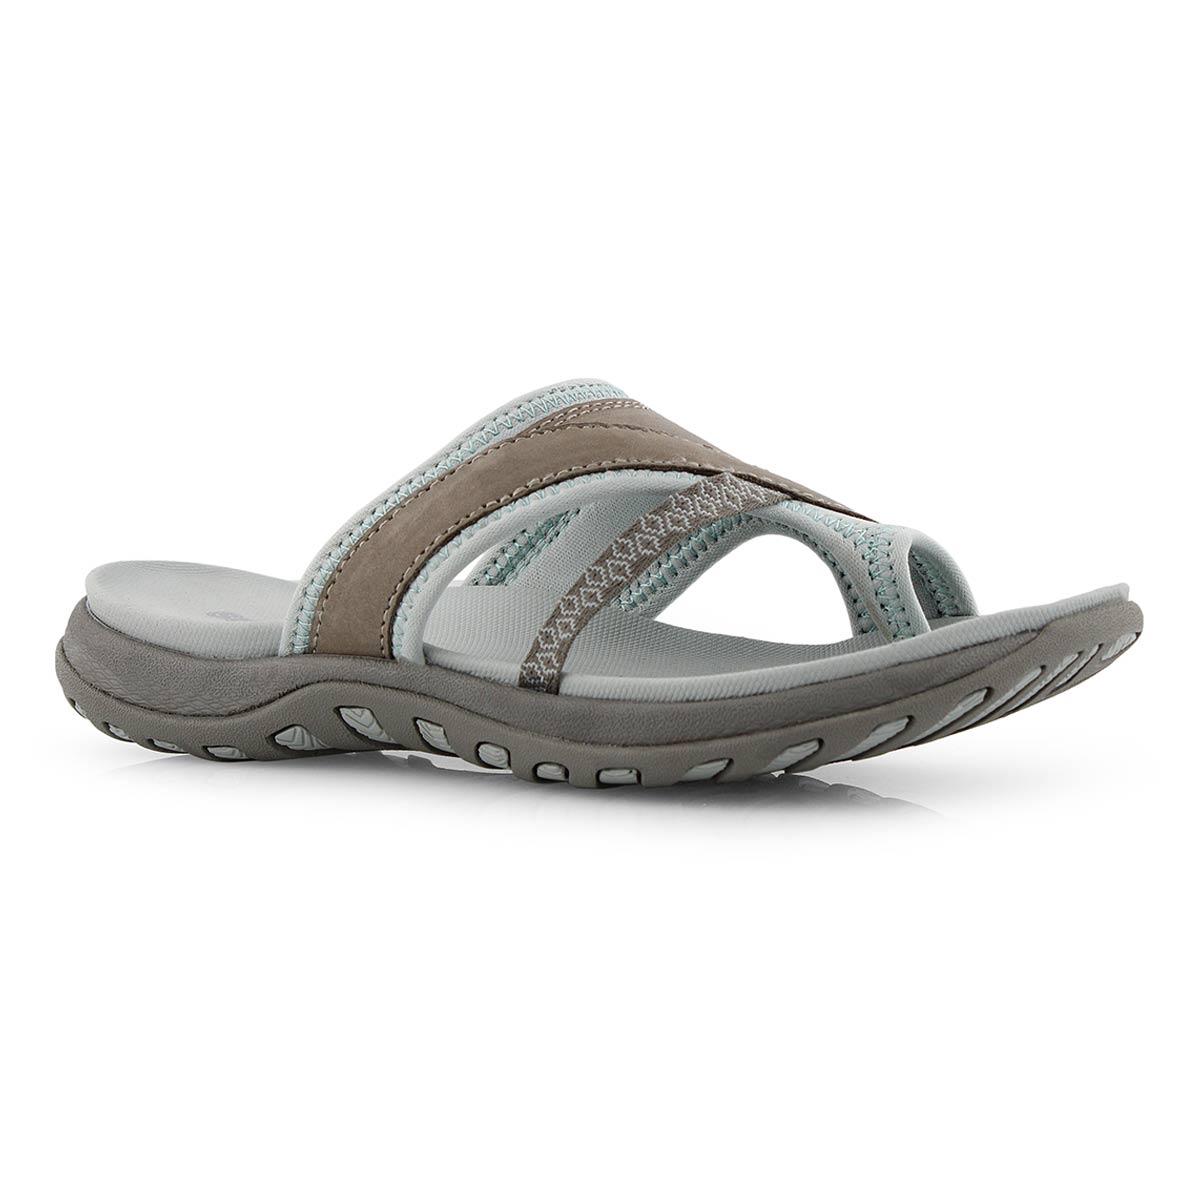 Lds Cynthia grey toe wrap sport sandal